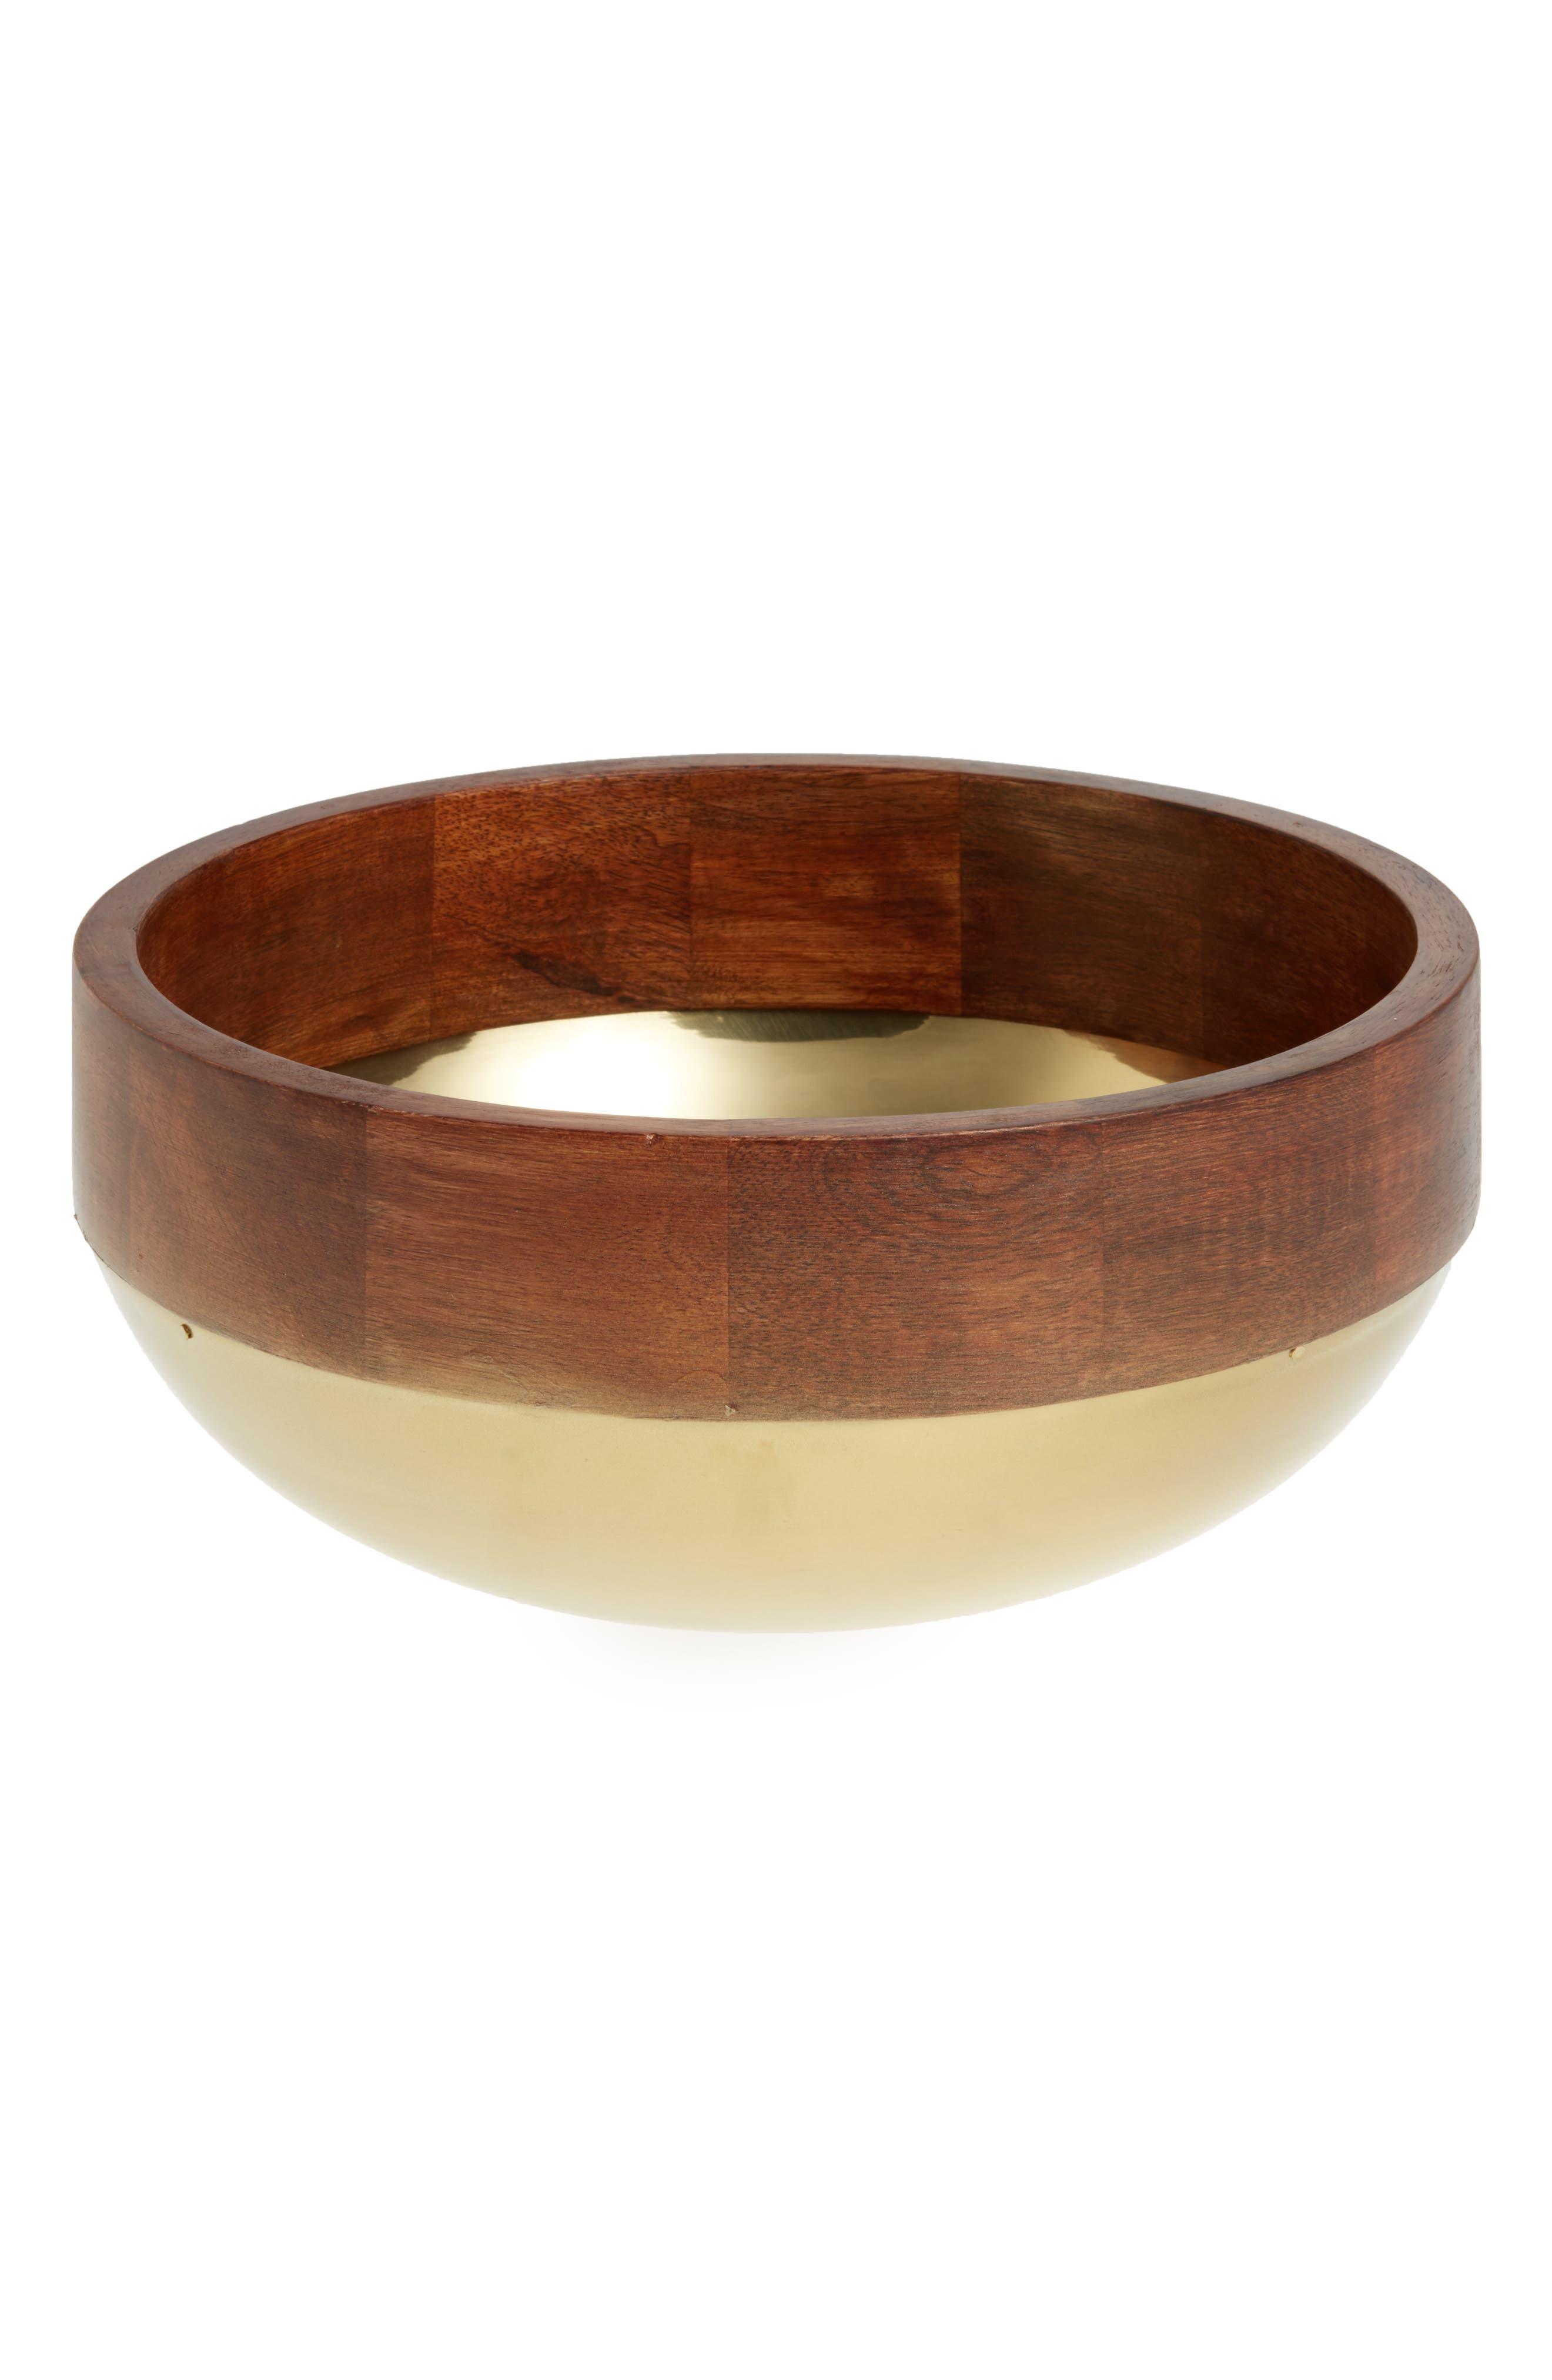 Wood & Metal Serving Bowl,                         Main,                         color, GOLD METALLIC